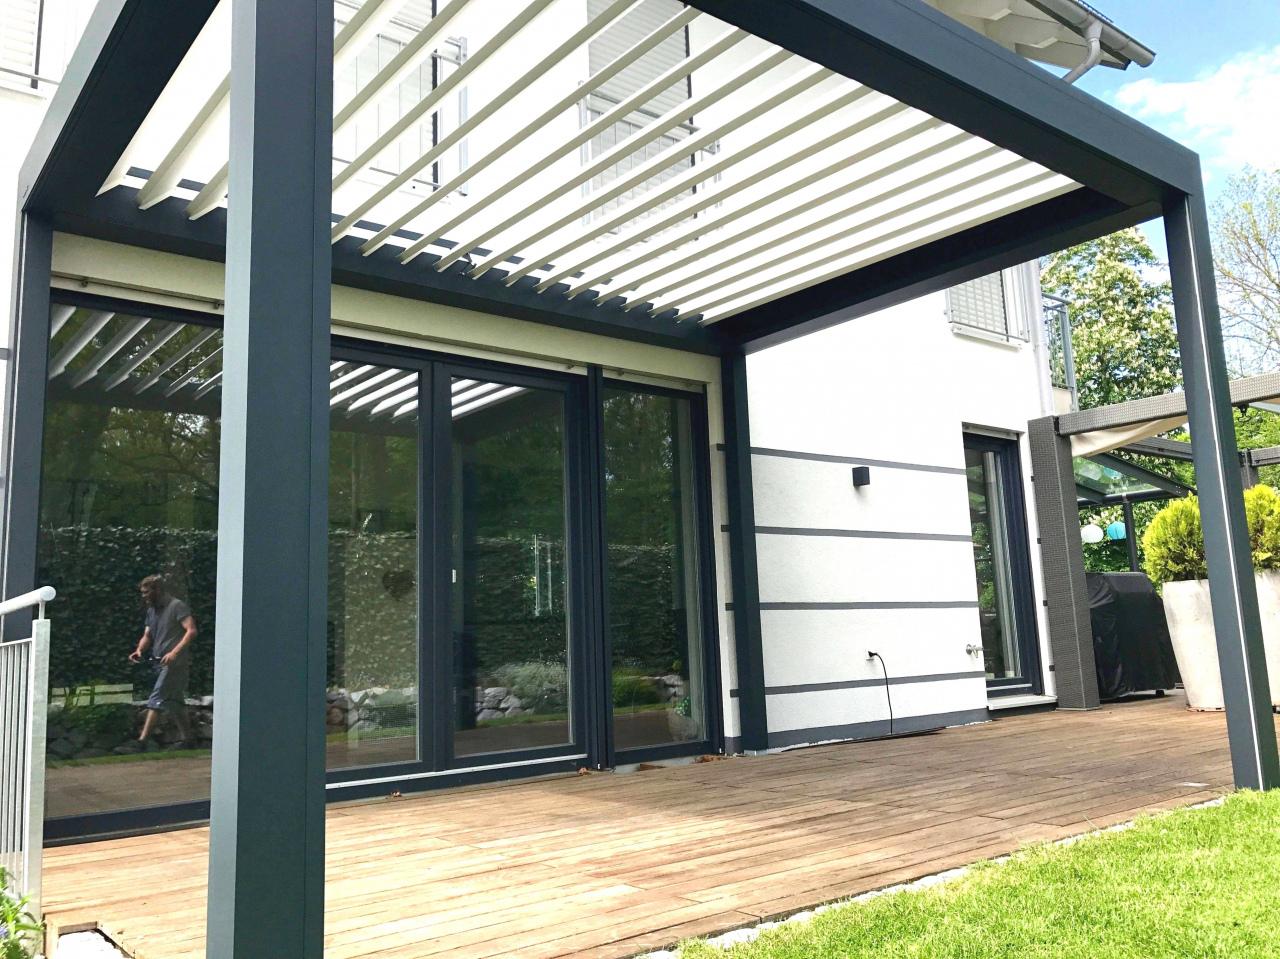 porch shades 35 planen zum blumen und pflanzen ideen fur terrassengestaltung durch porch shades